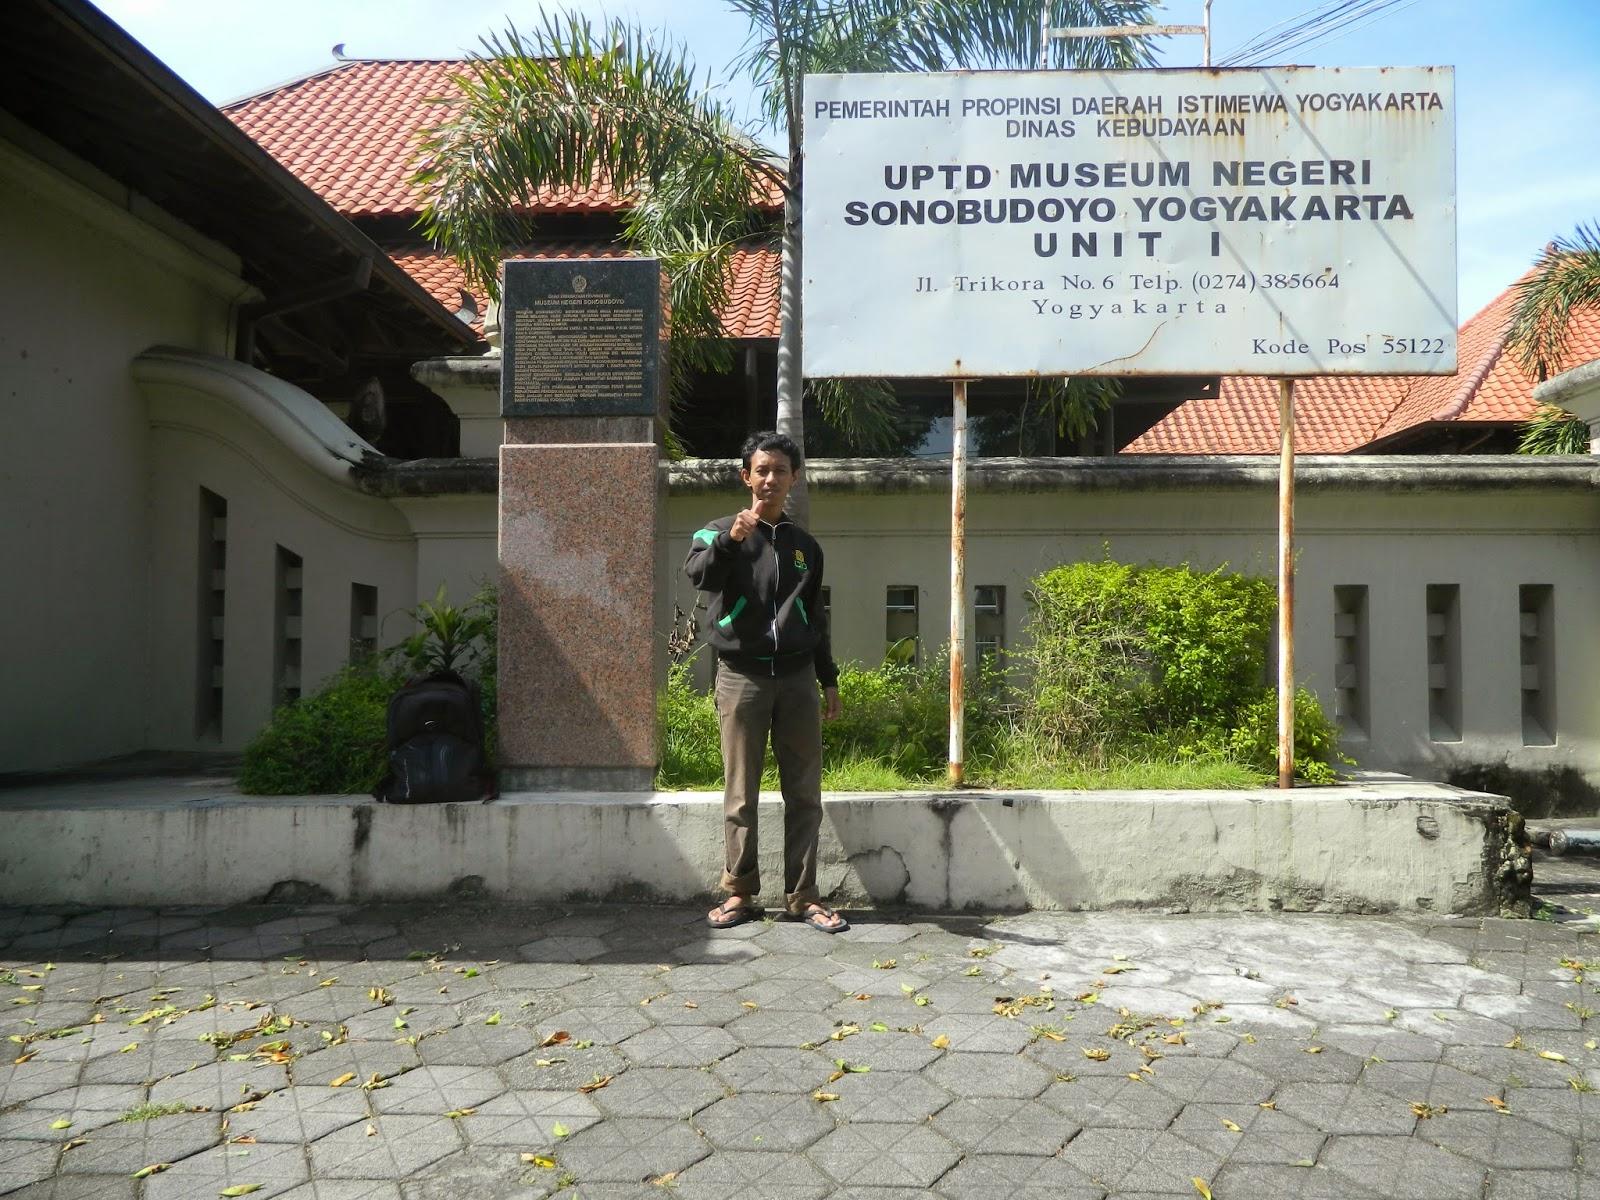 Sangpetualang Museum Sonobudoyo Koleksi Barang Seni Kebudayaan 6 Yogyakarta Unit